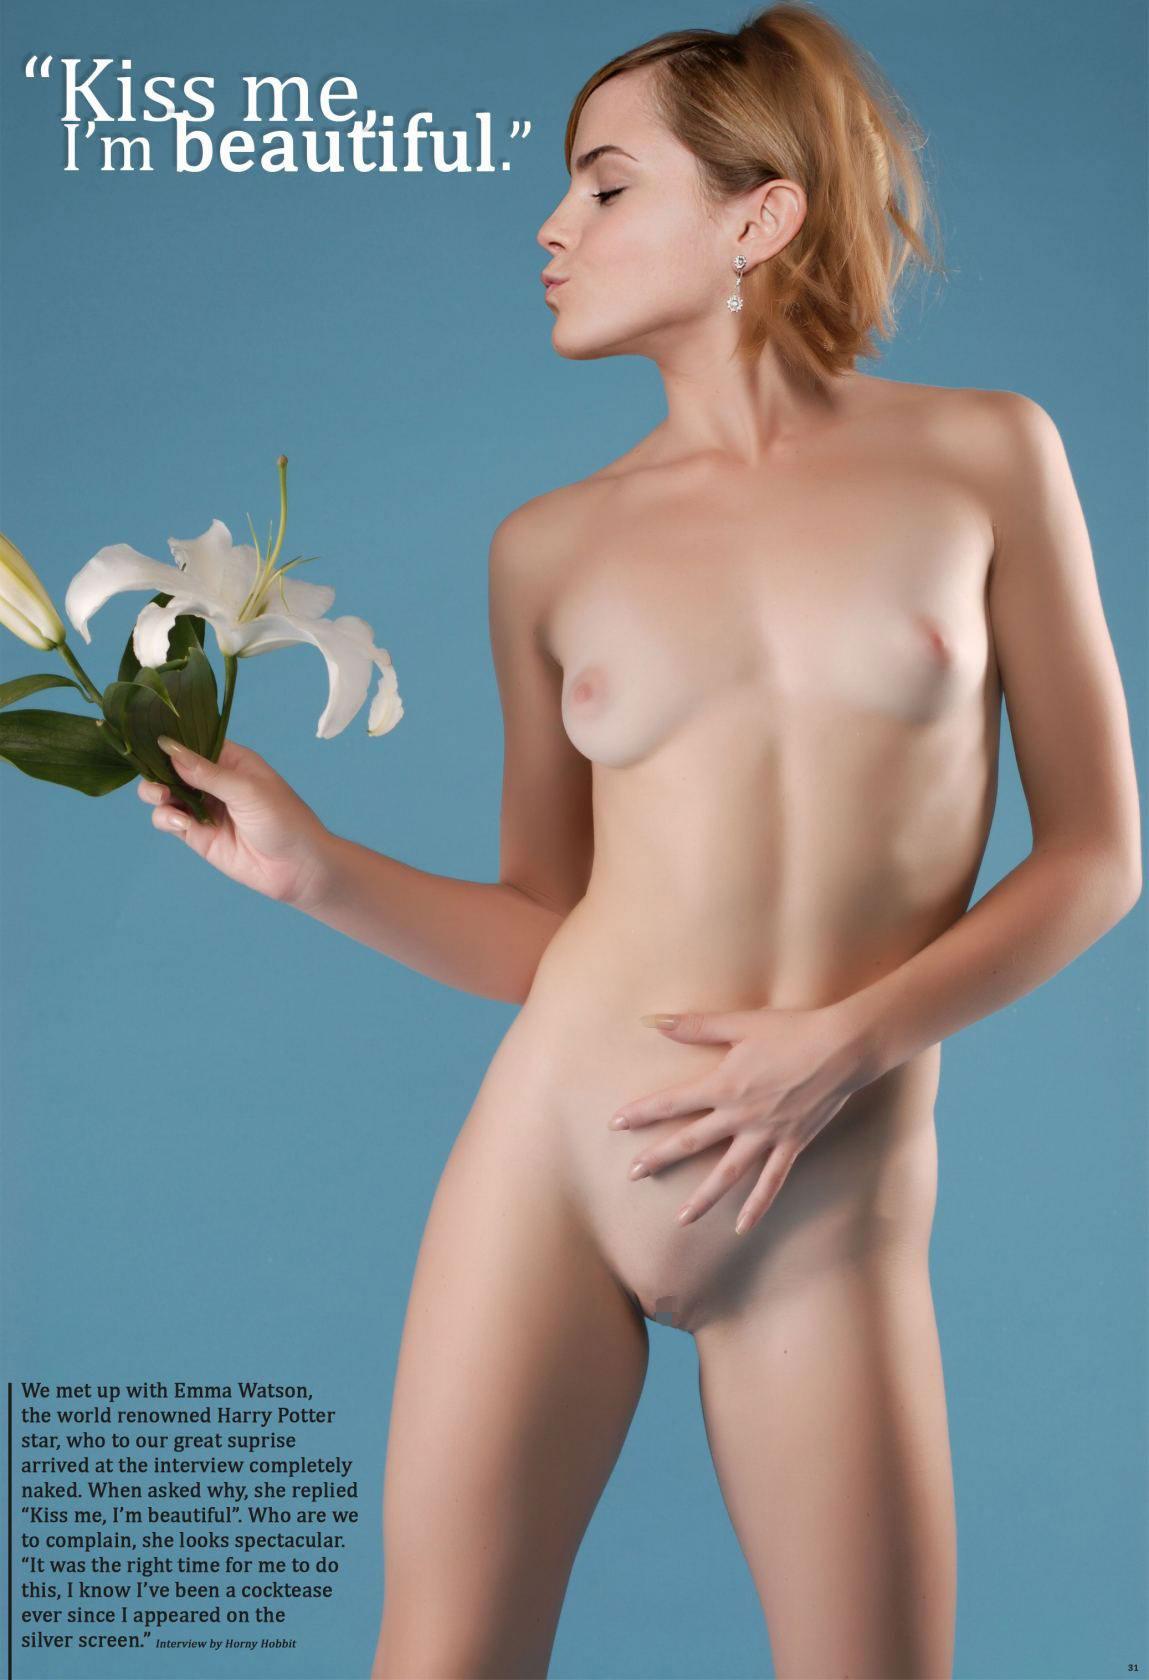 【おっぱい】爆乳でも小ぶり美乳でも日本人とは違うエロスがある海外のヌード画像【33枚】 14